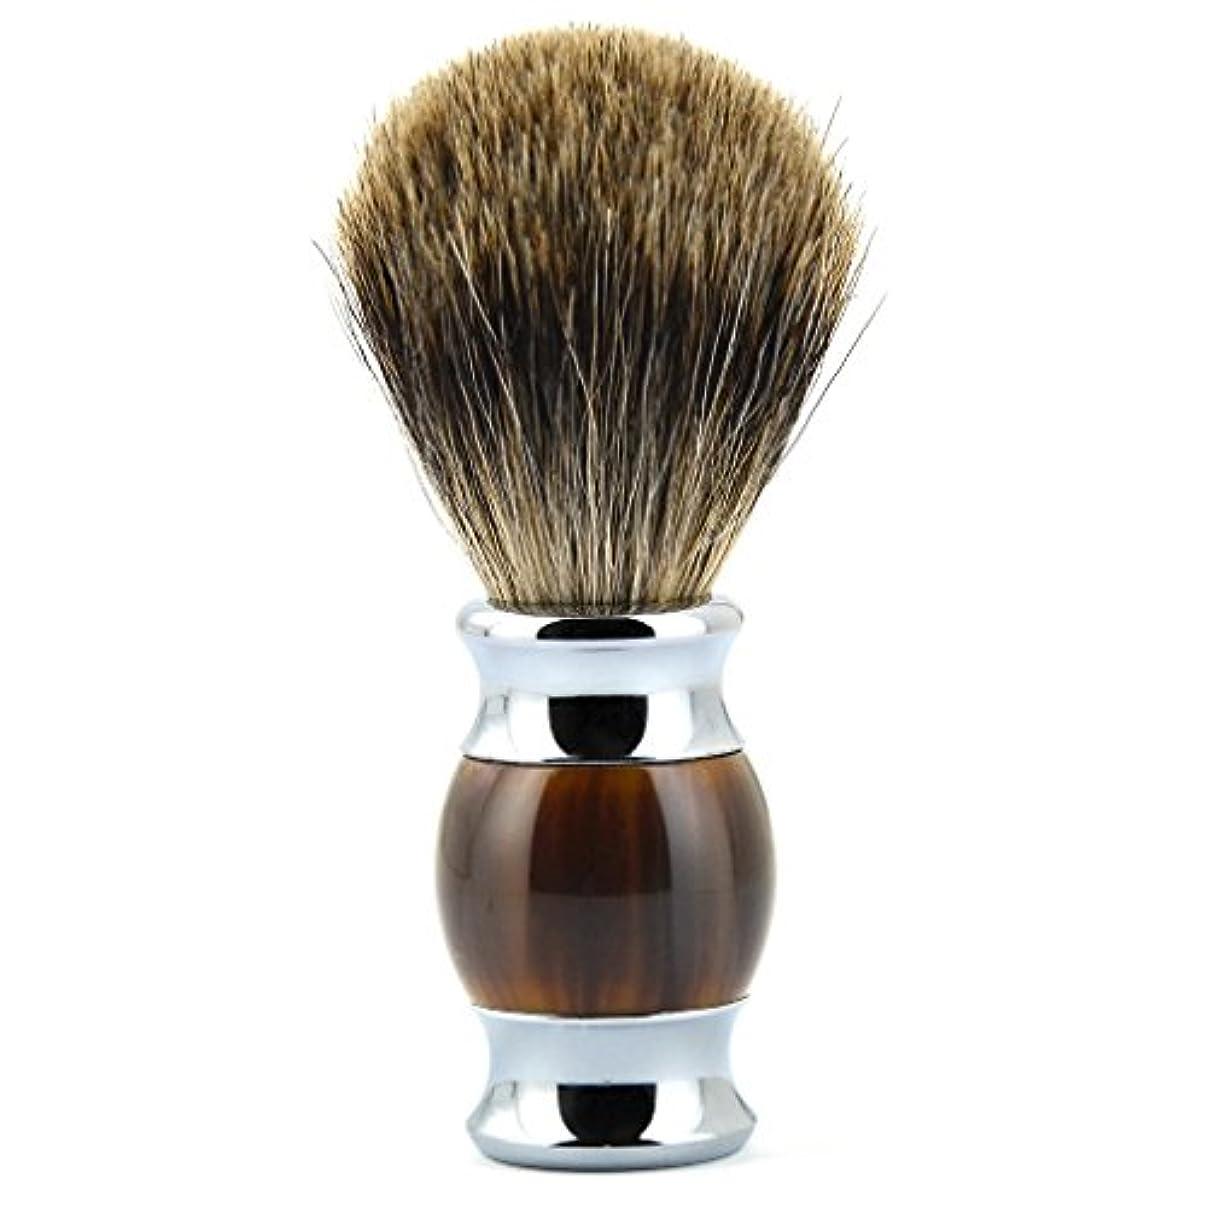 レポートを書く買い物に行くデモンストレーションTopFires ひげブラシ シェービング ブラシ シェービング用ブラシ メンズ 100% アナグマ毛 理容 洗顔 髭剃り 泡立ち